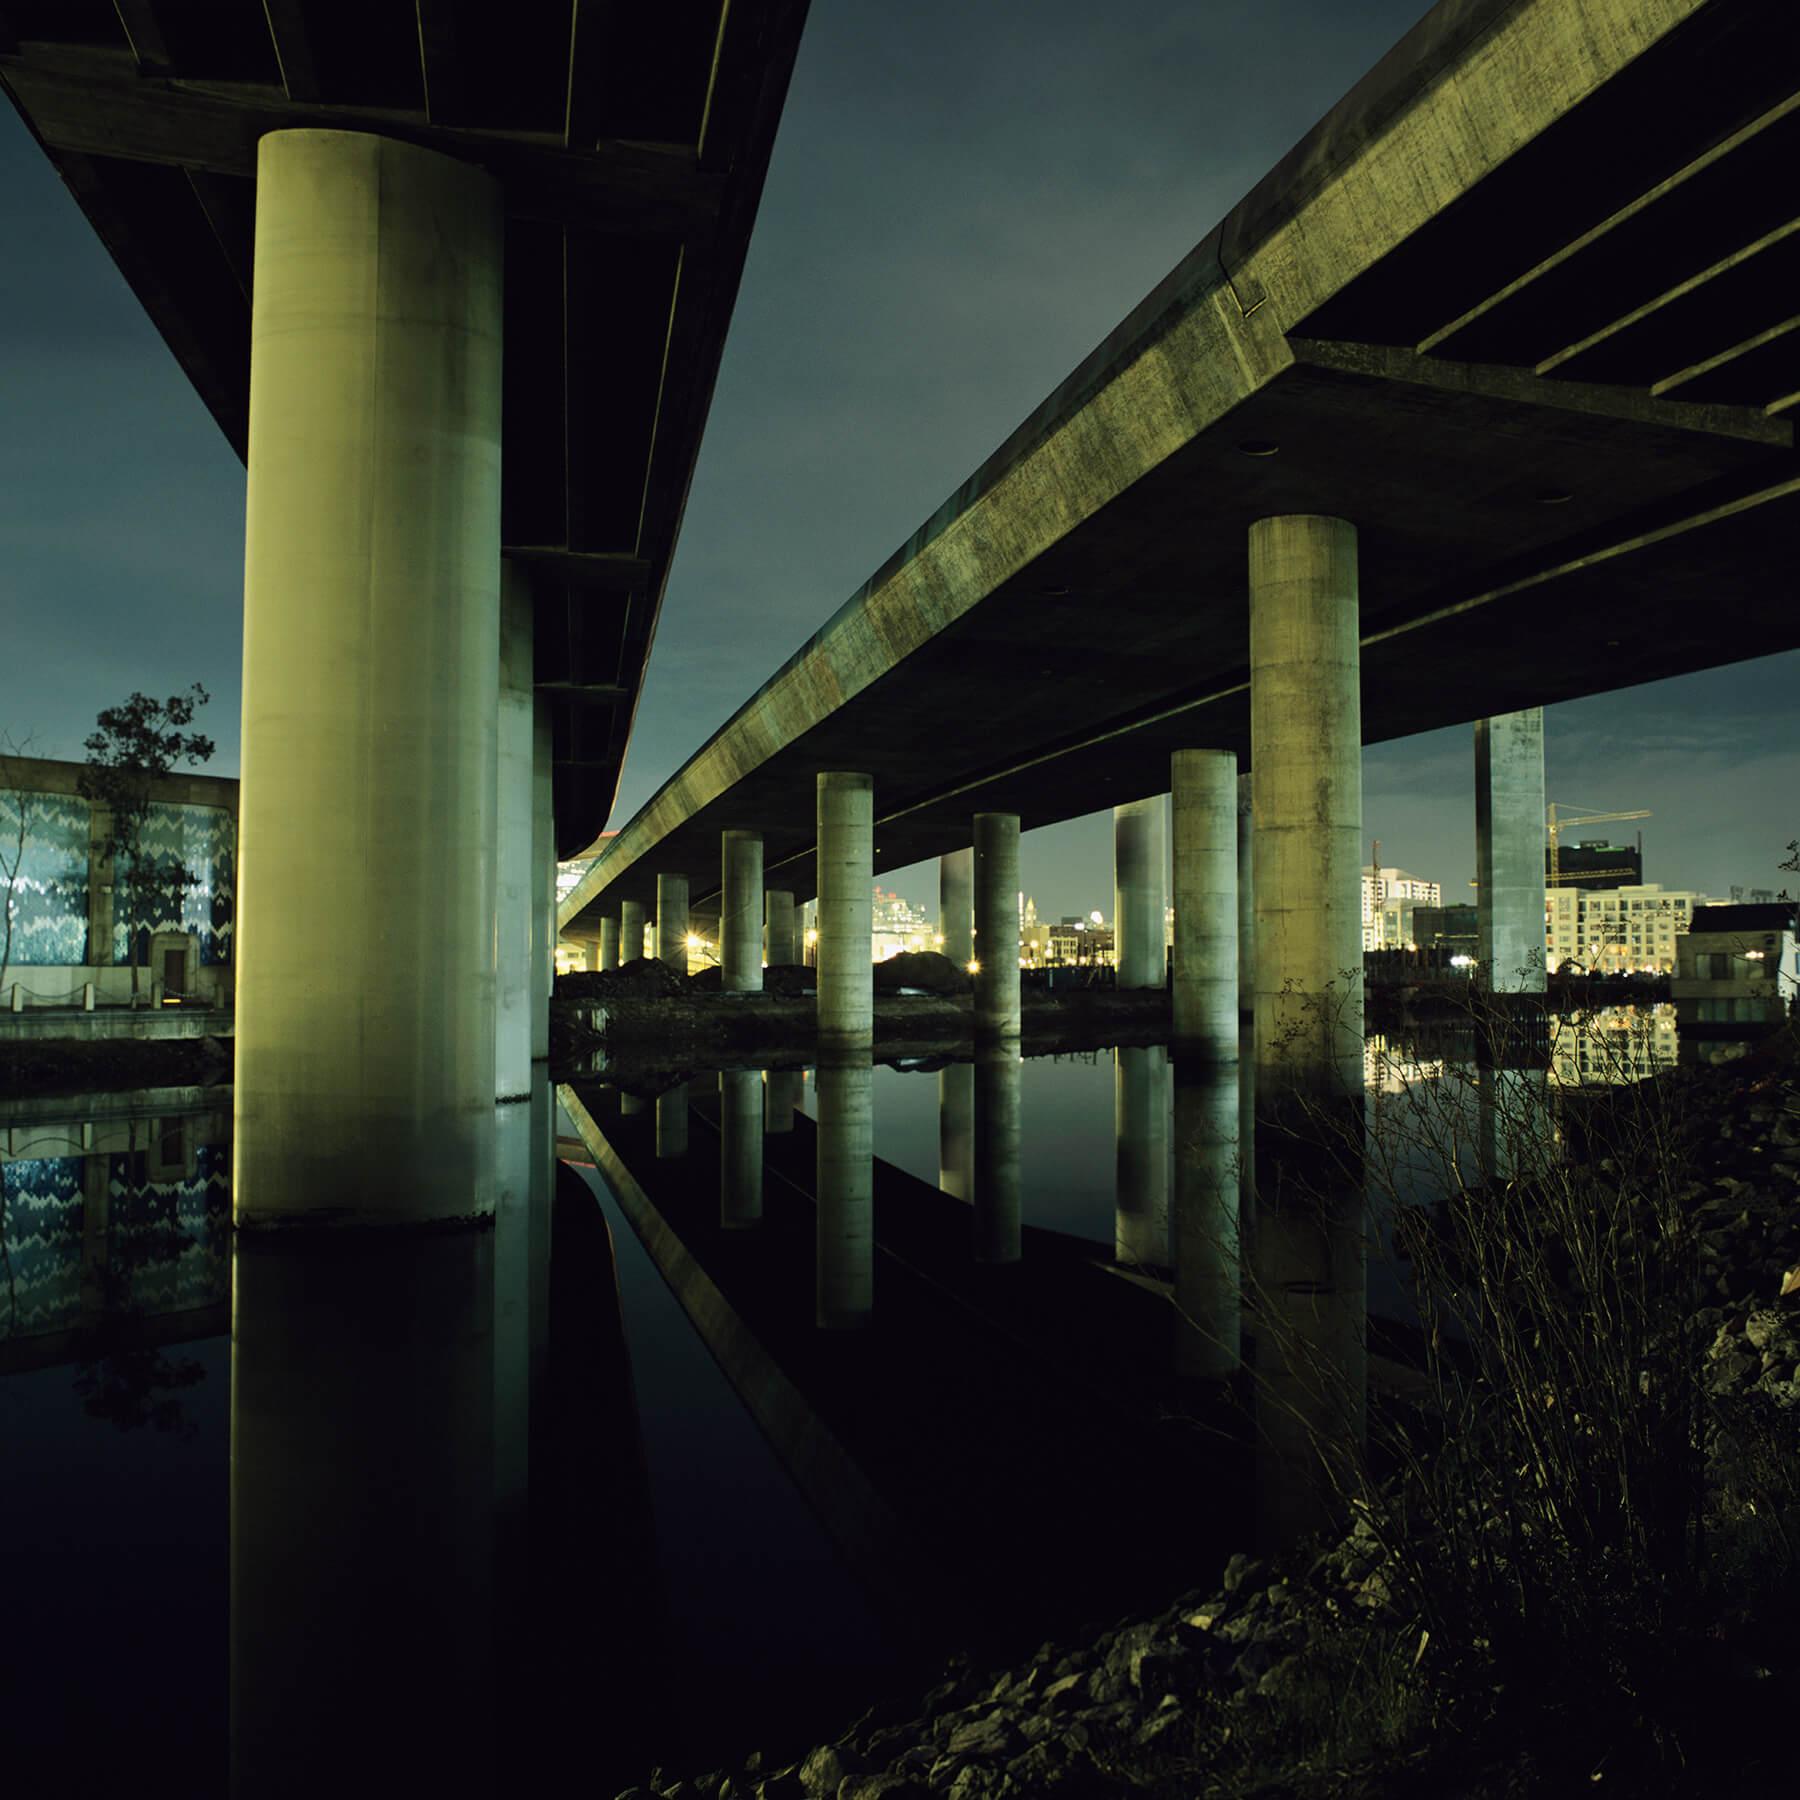 Underneath 280 freeway at night